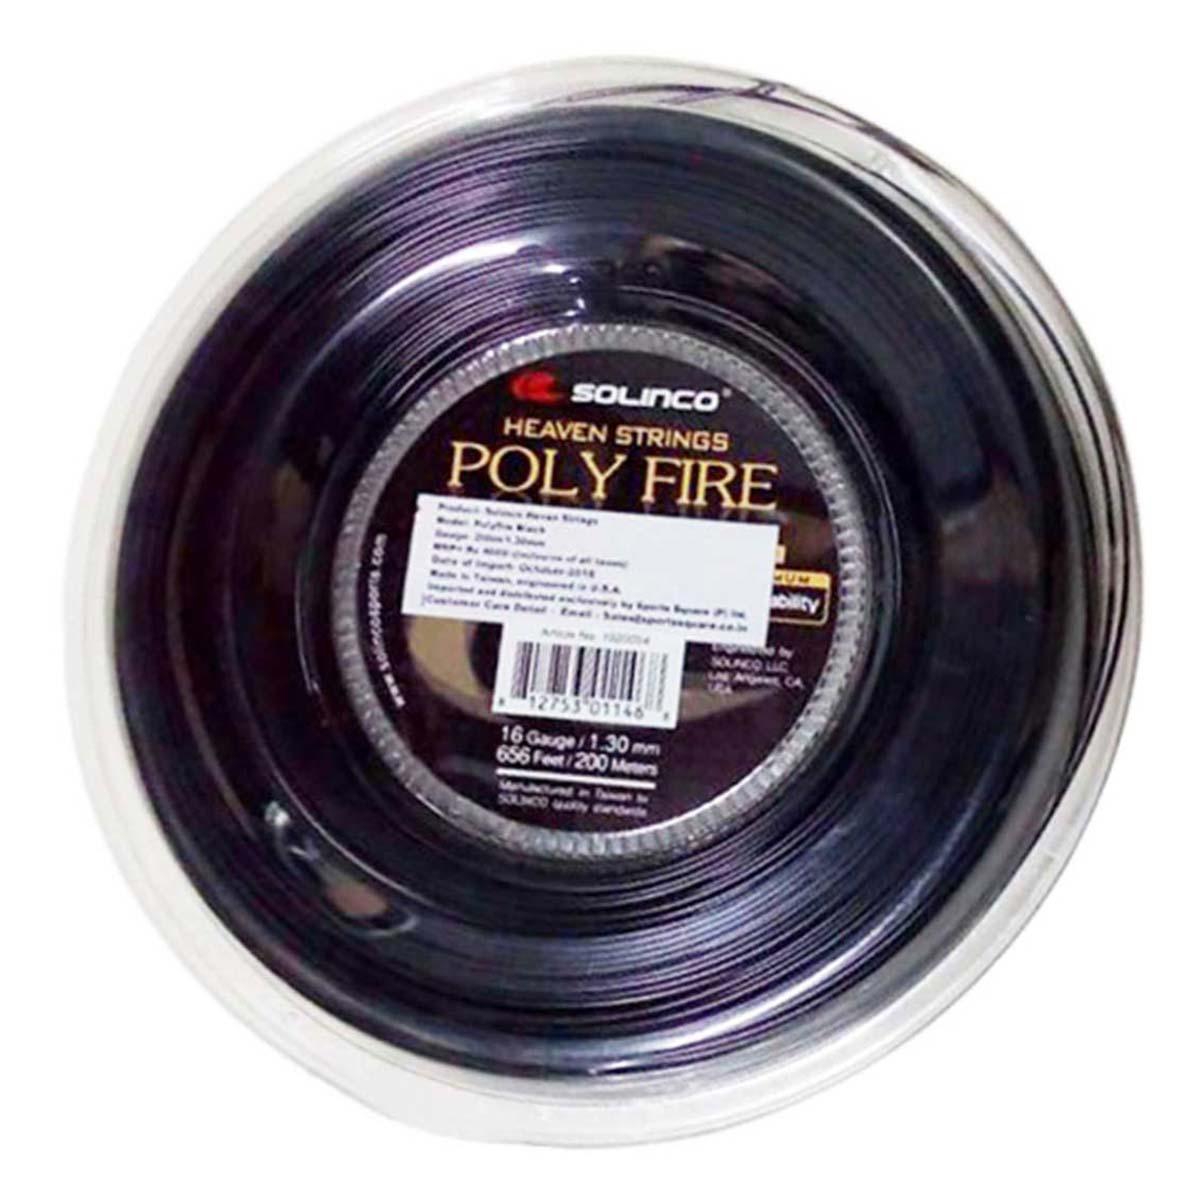 Buy Solinco Polyfire Tennis String 200 Meter Reel Black